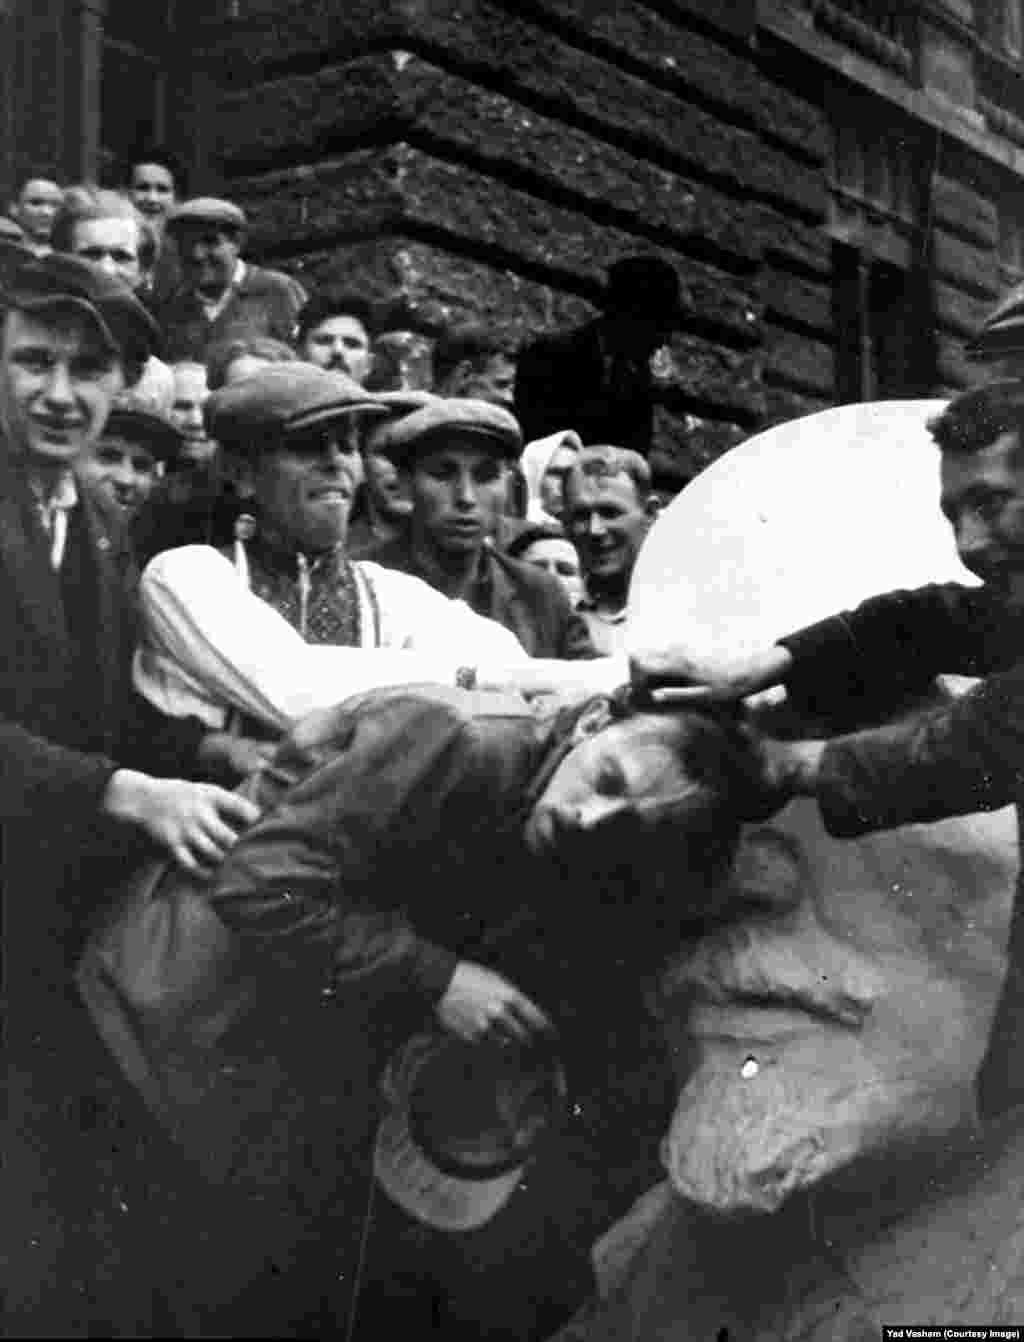 Еврея на Западе Украины атакует толпа. После того, как нацисты открыли советские тайные тюрьмы, стало известно о зверствах, чинимых под руководством Сталина. Нацистская пропаганда воспользовалась тем, что у многих ранних советских лидеров было еврейское происхождение, и стала подогревать антисемитизм.